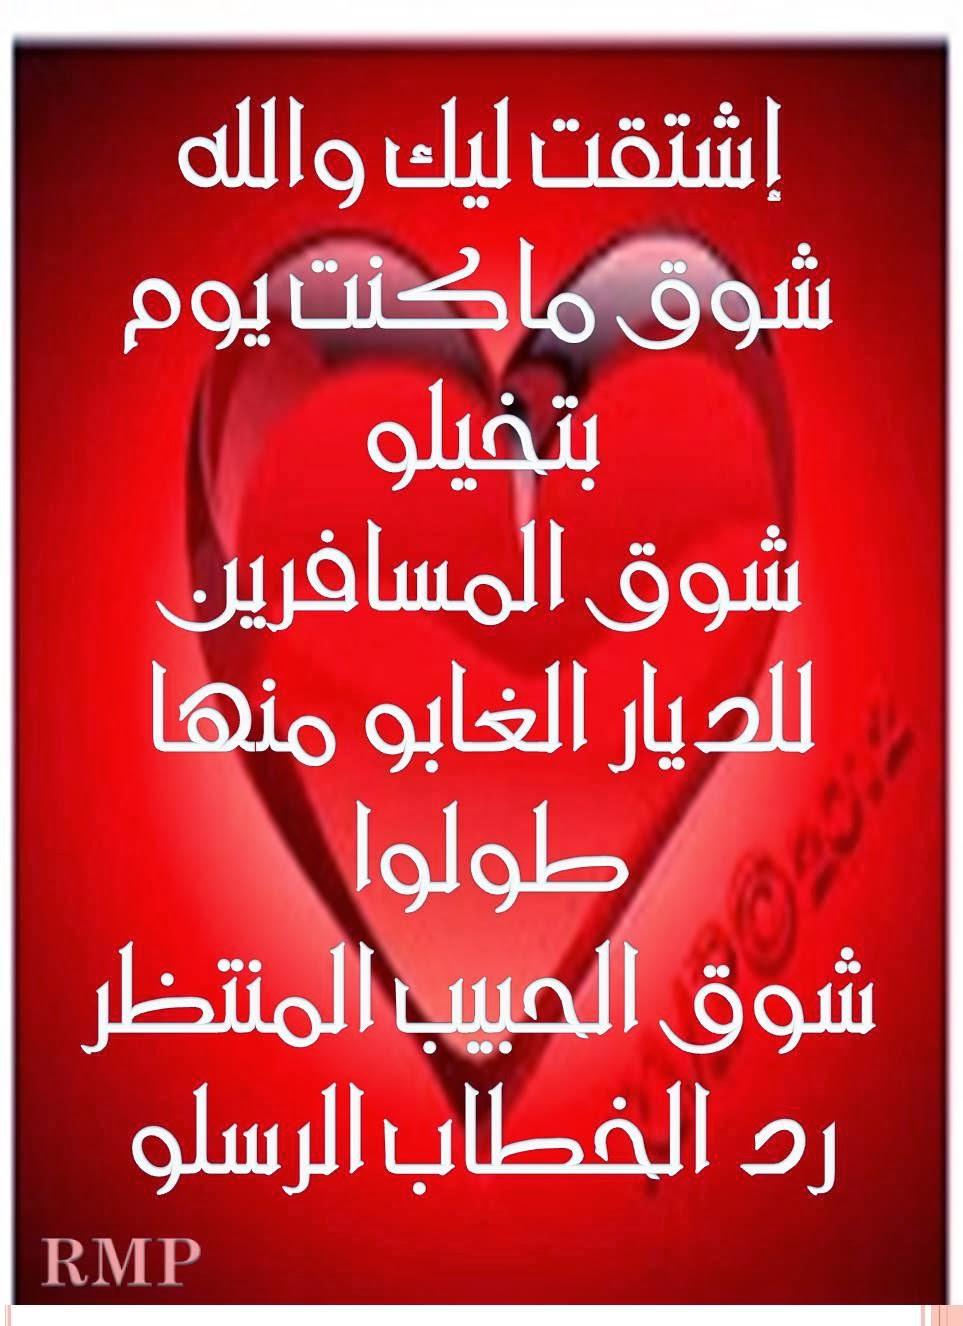 بالصور شعر عن الحب والعشق , اشعار رومنسية للحبيب 889 20